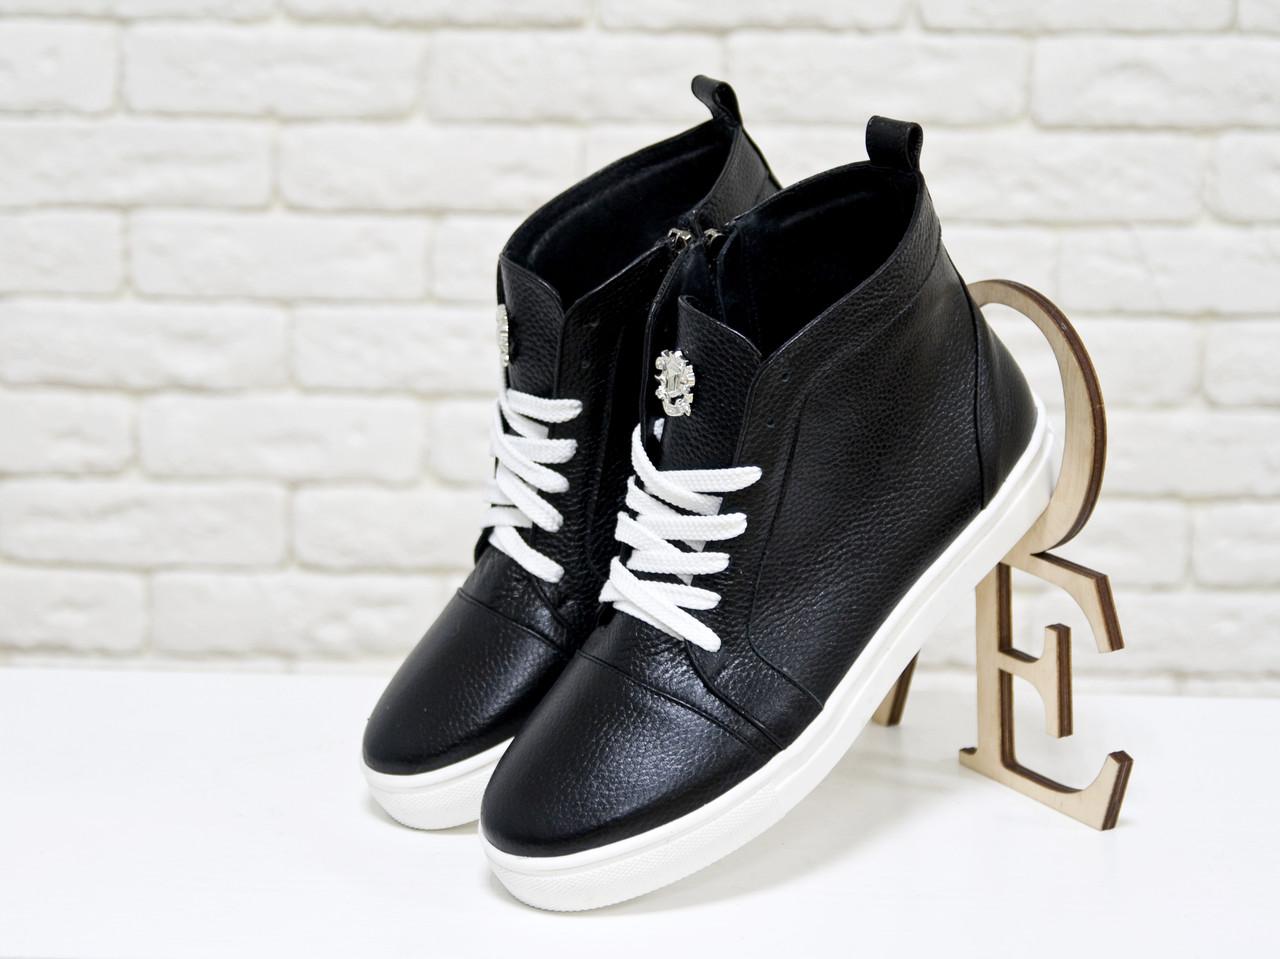 869b0968 Кеды из натуральной кожи черного цвета с белыми шнурками Gino Figini -  Интернет-магазин одежды